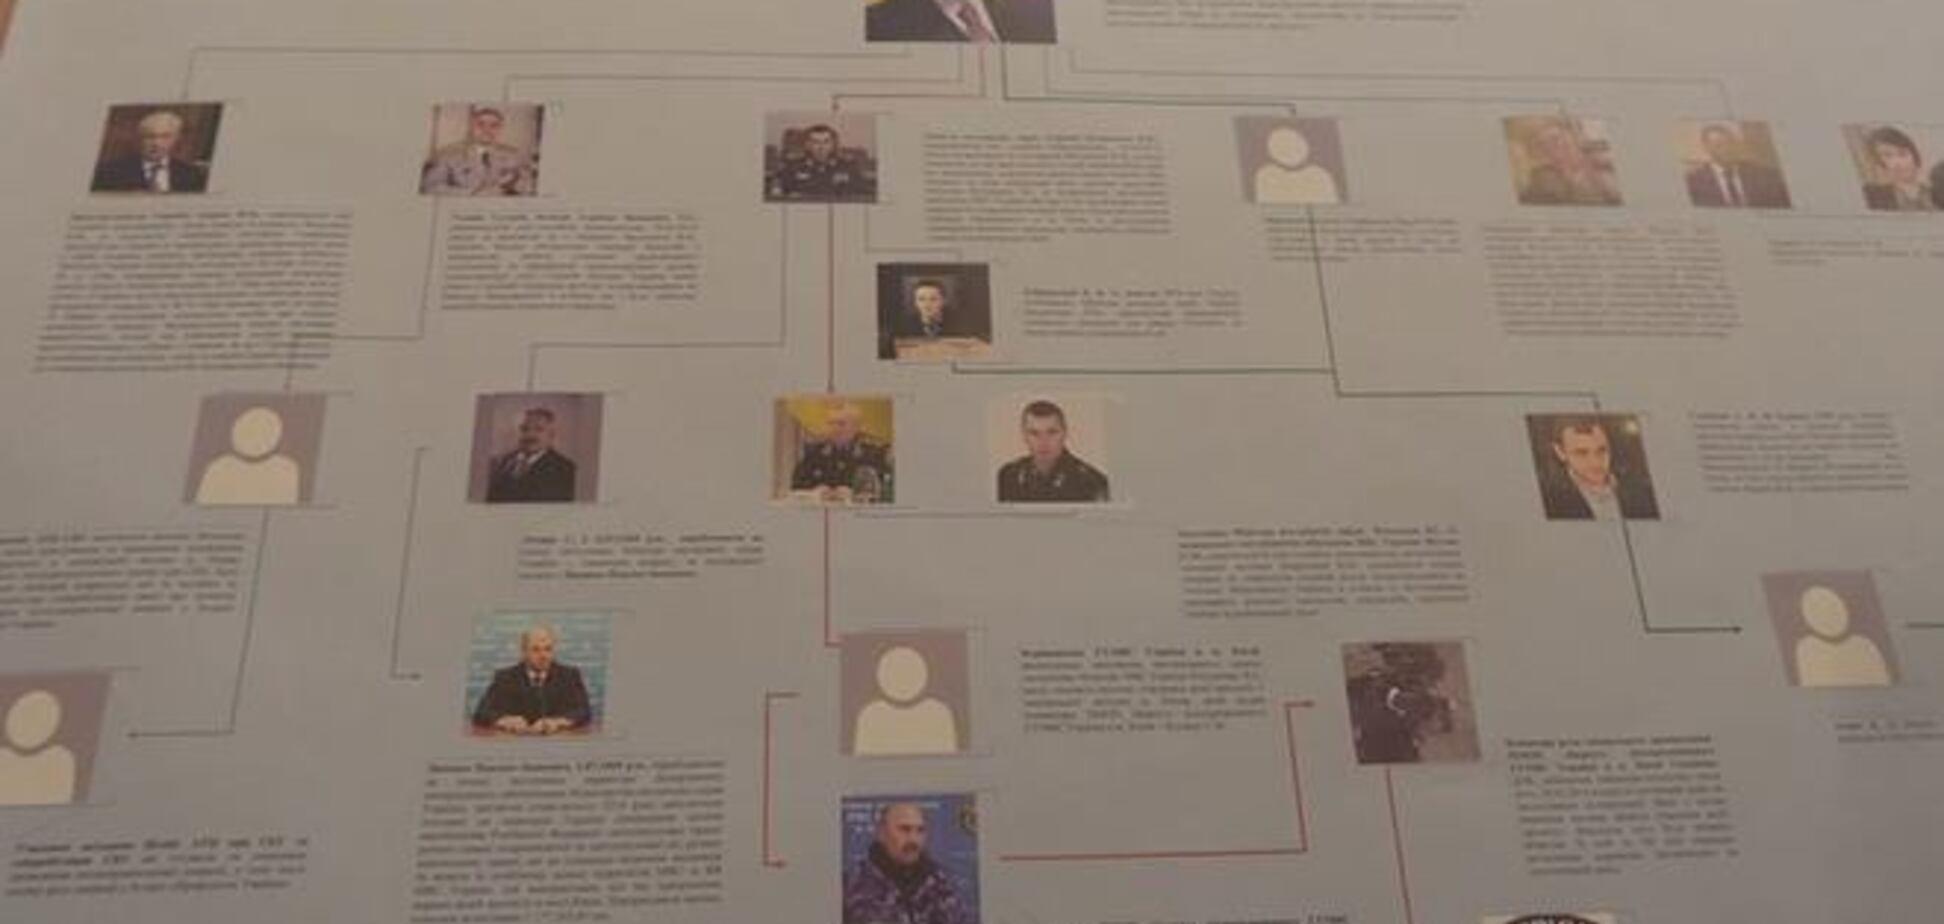 ГПУ обнародовала схему с фамилиями организаторов расстрела на Майдане